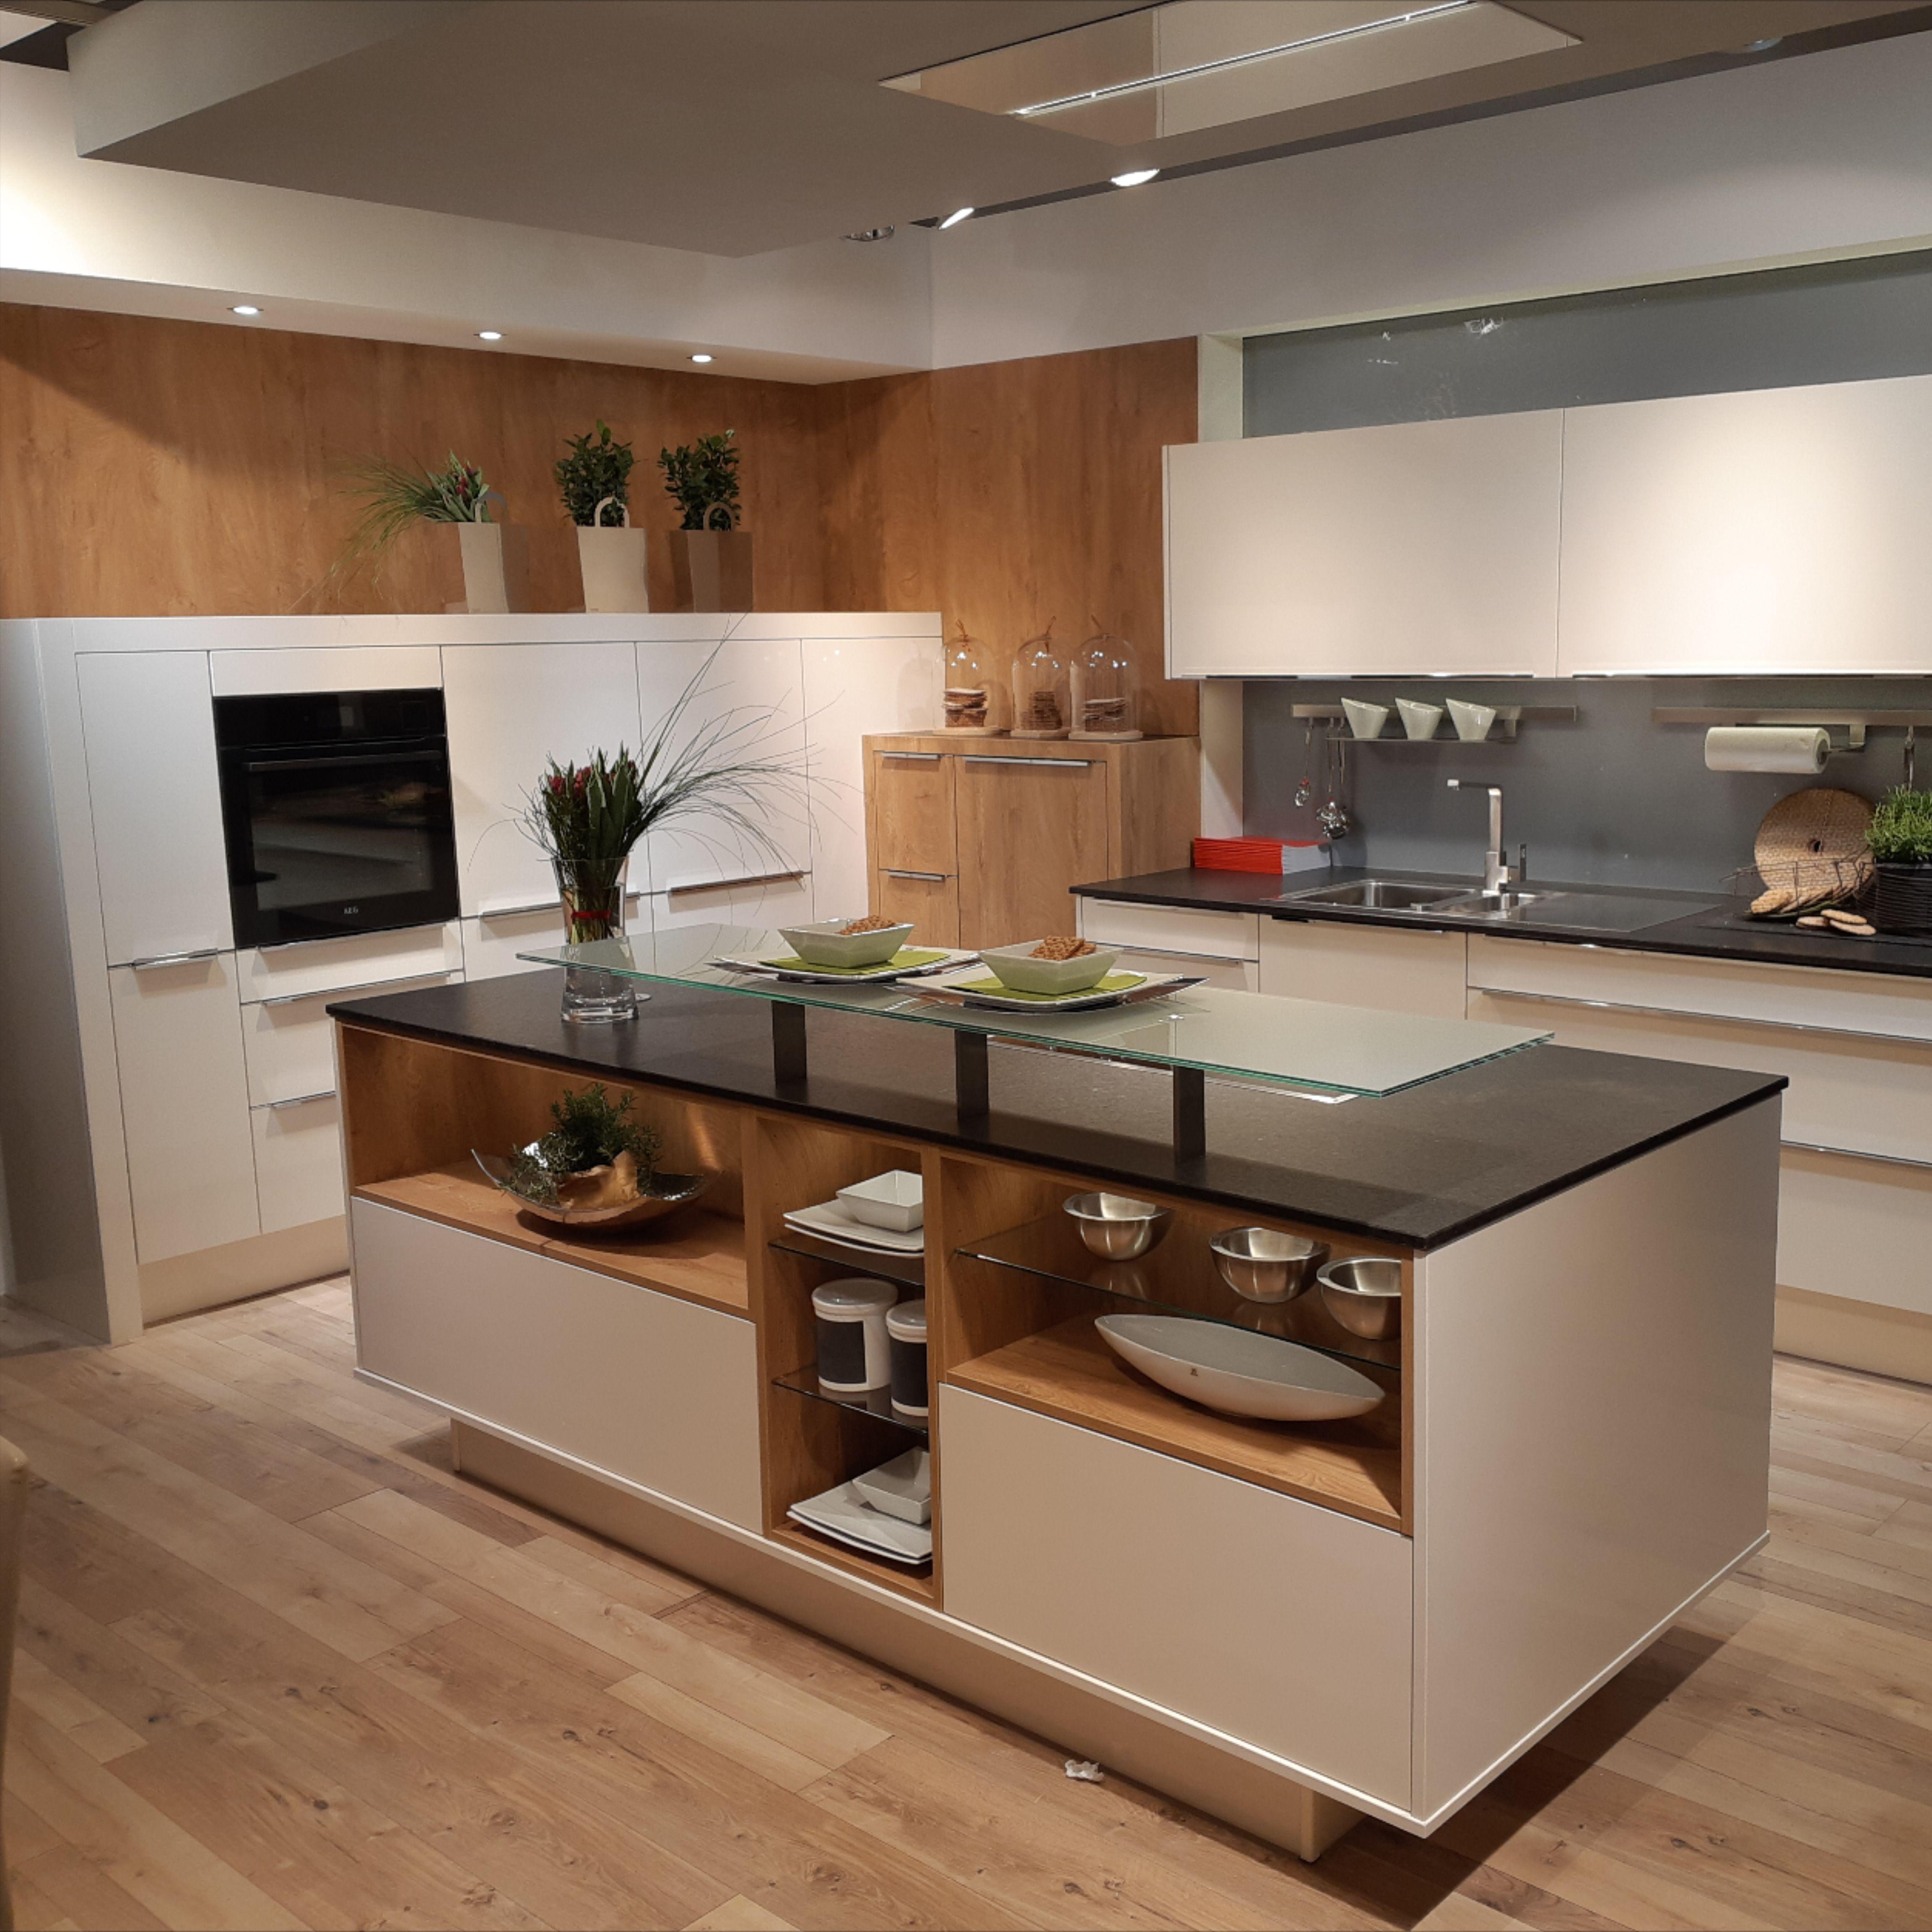 Kuche Weiss In 2020 Haus Kuchen Kuche Kuchen Design